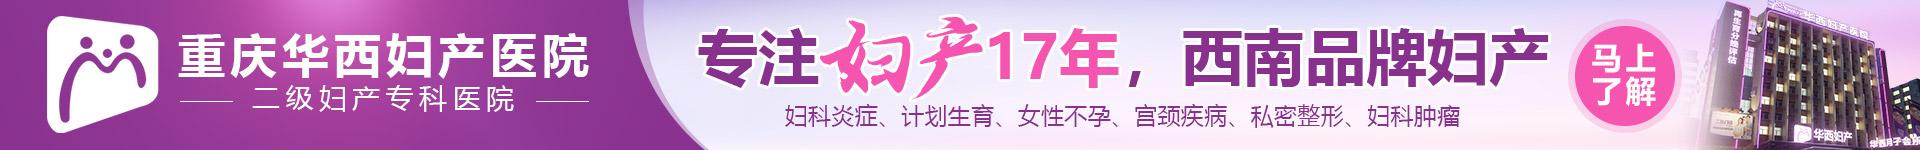 重庆妇产医院